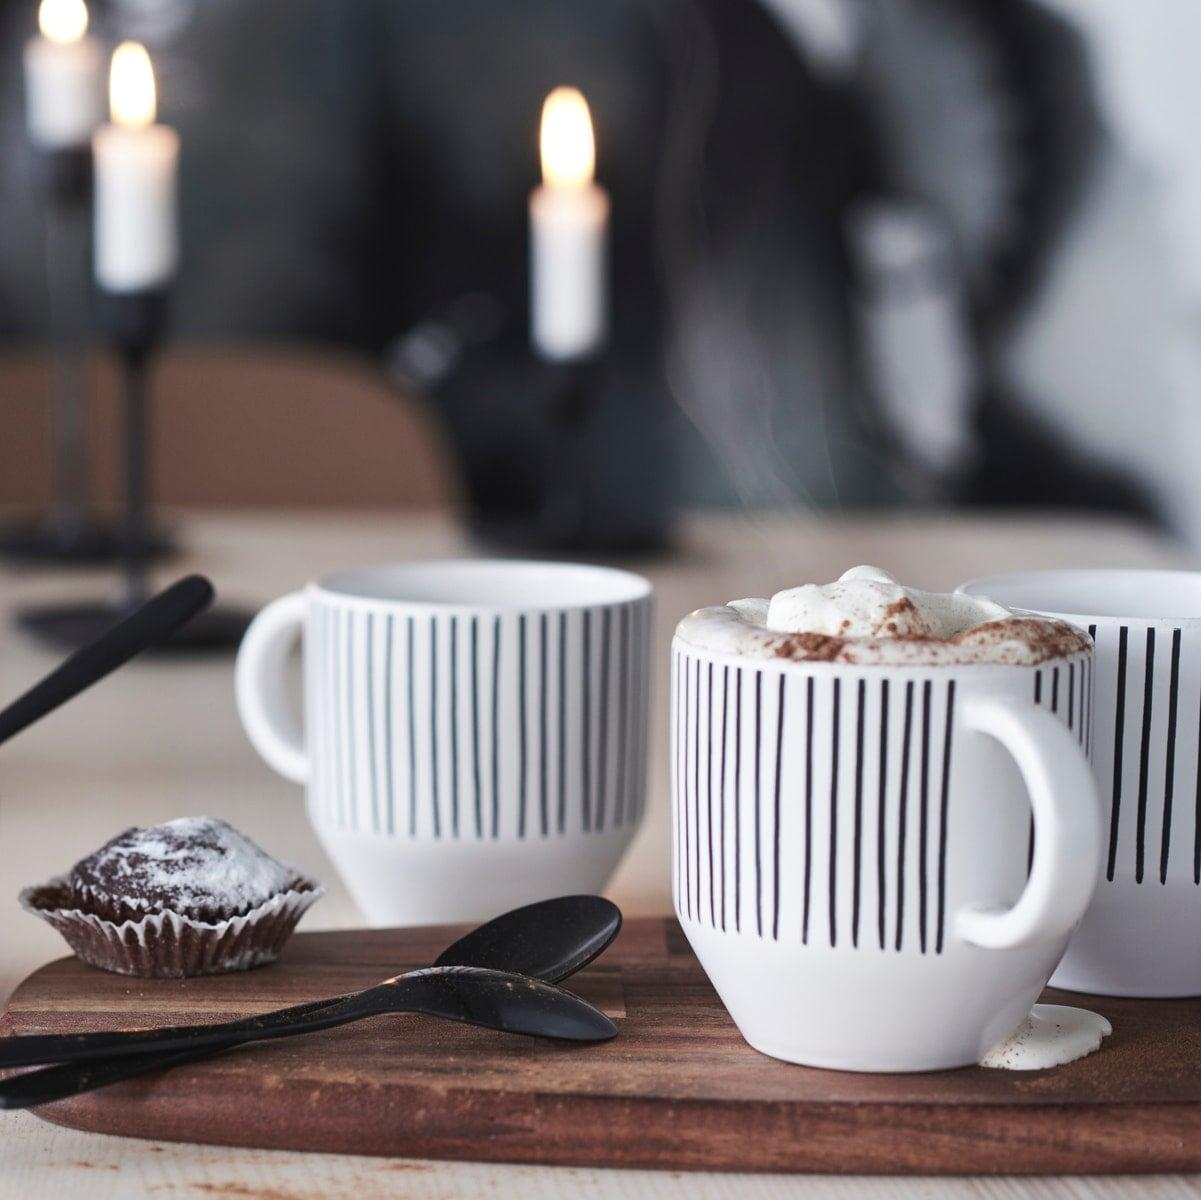 Selbst bemalte Tassen auf einem Tablett aus Holz vor einem Kerzenständer